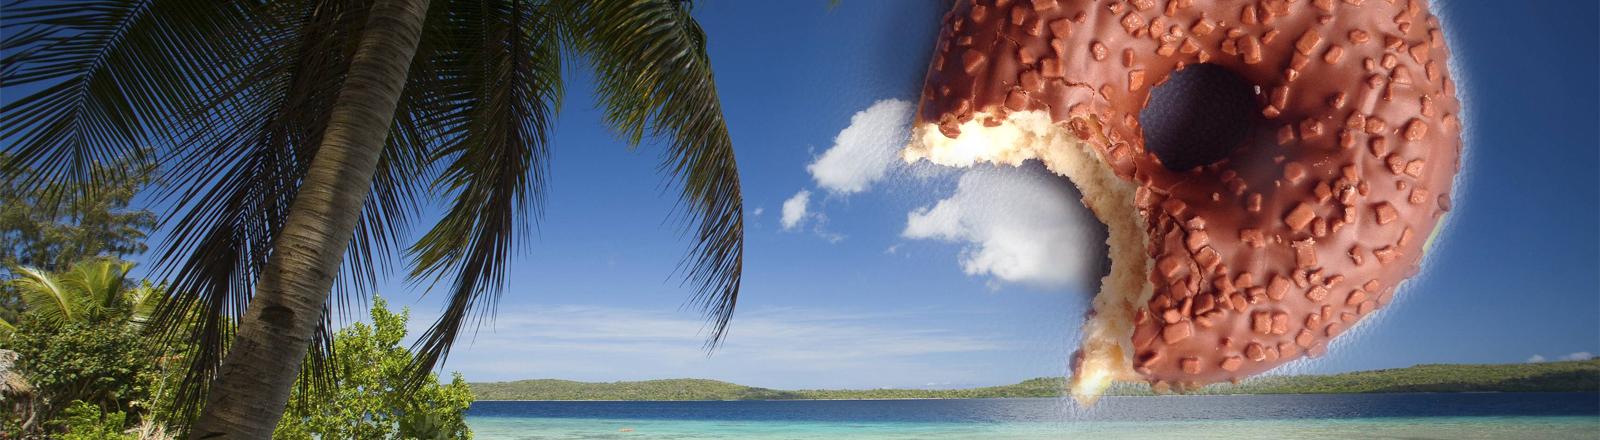 Eine tropische Insel. Mit Donut am Himmel.